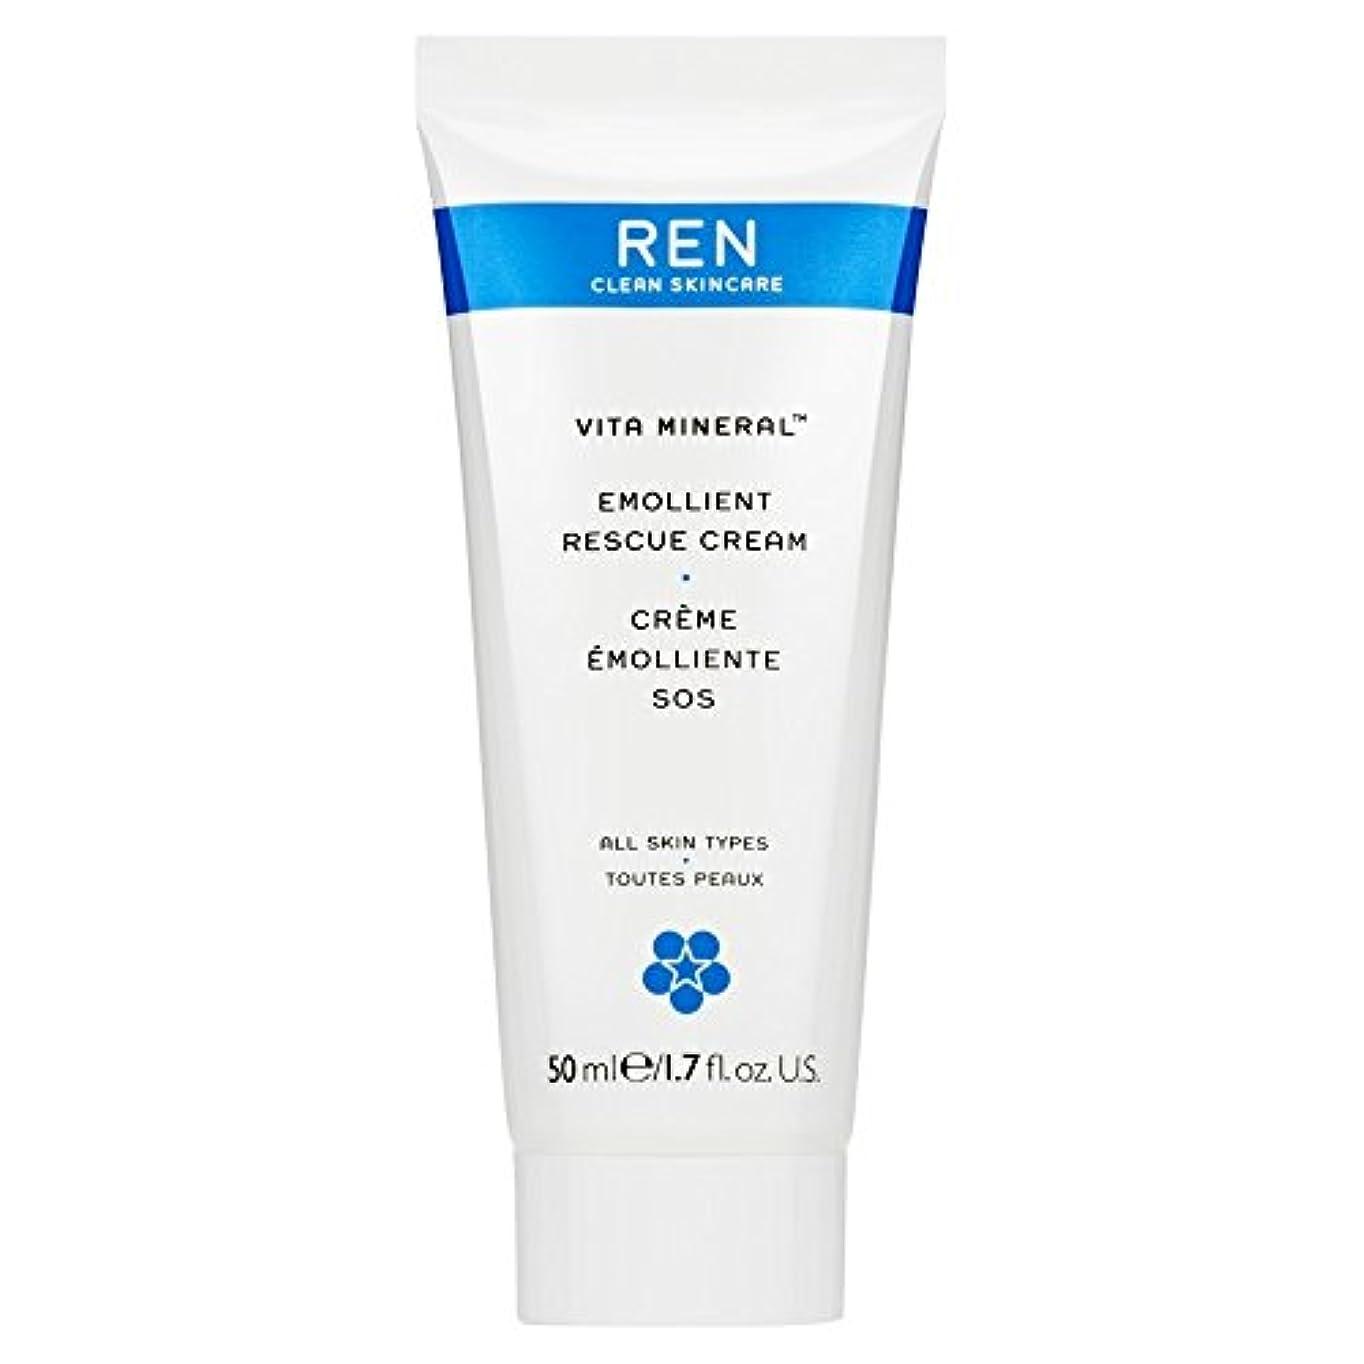 出くわす二代名詞Renヴィータミネラルレスキュークリーム、50ミリリットル (REN) (x2) - REN Vita Mineral Rescue Cream, 50ml (Pack of 2) [並行輸入品]